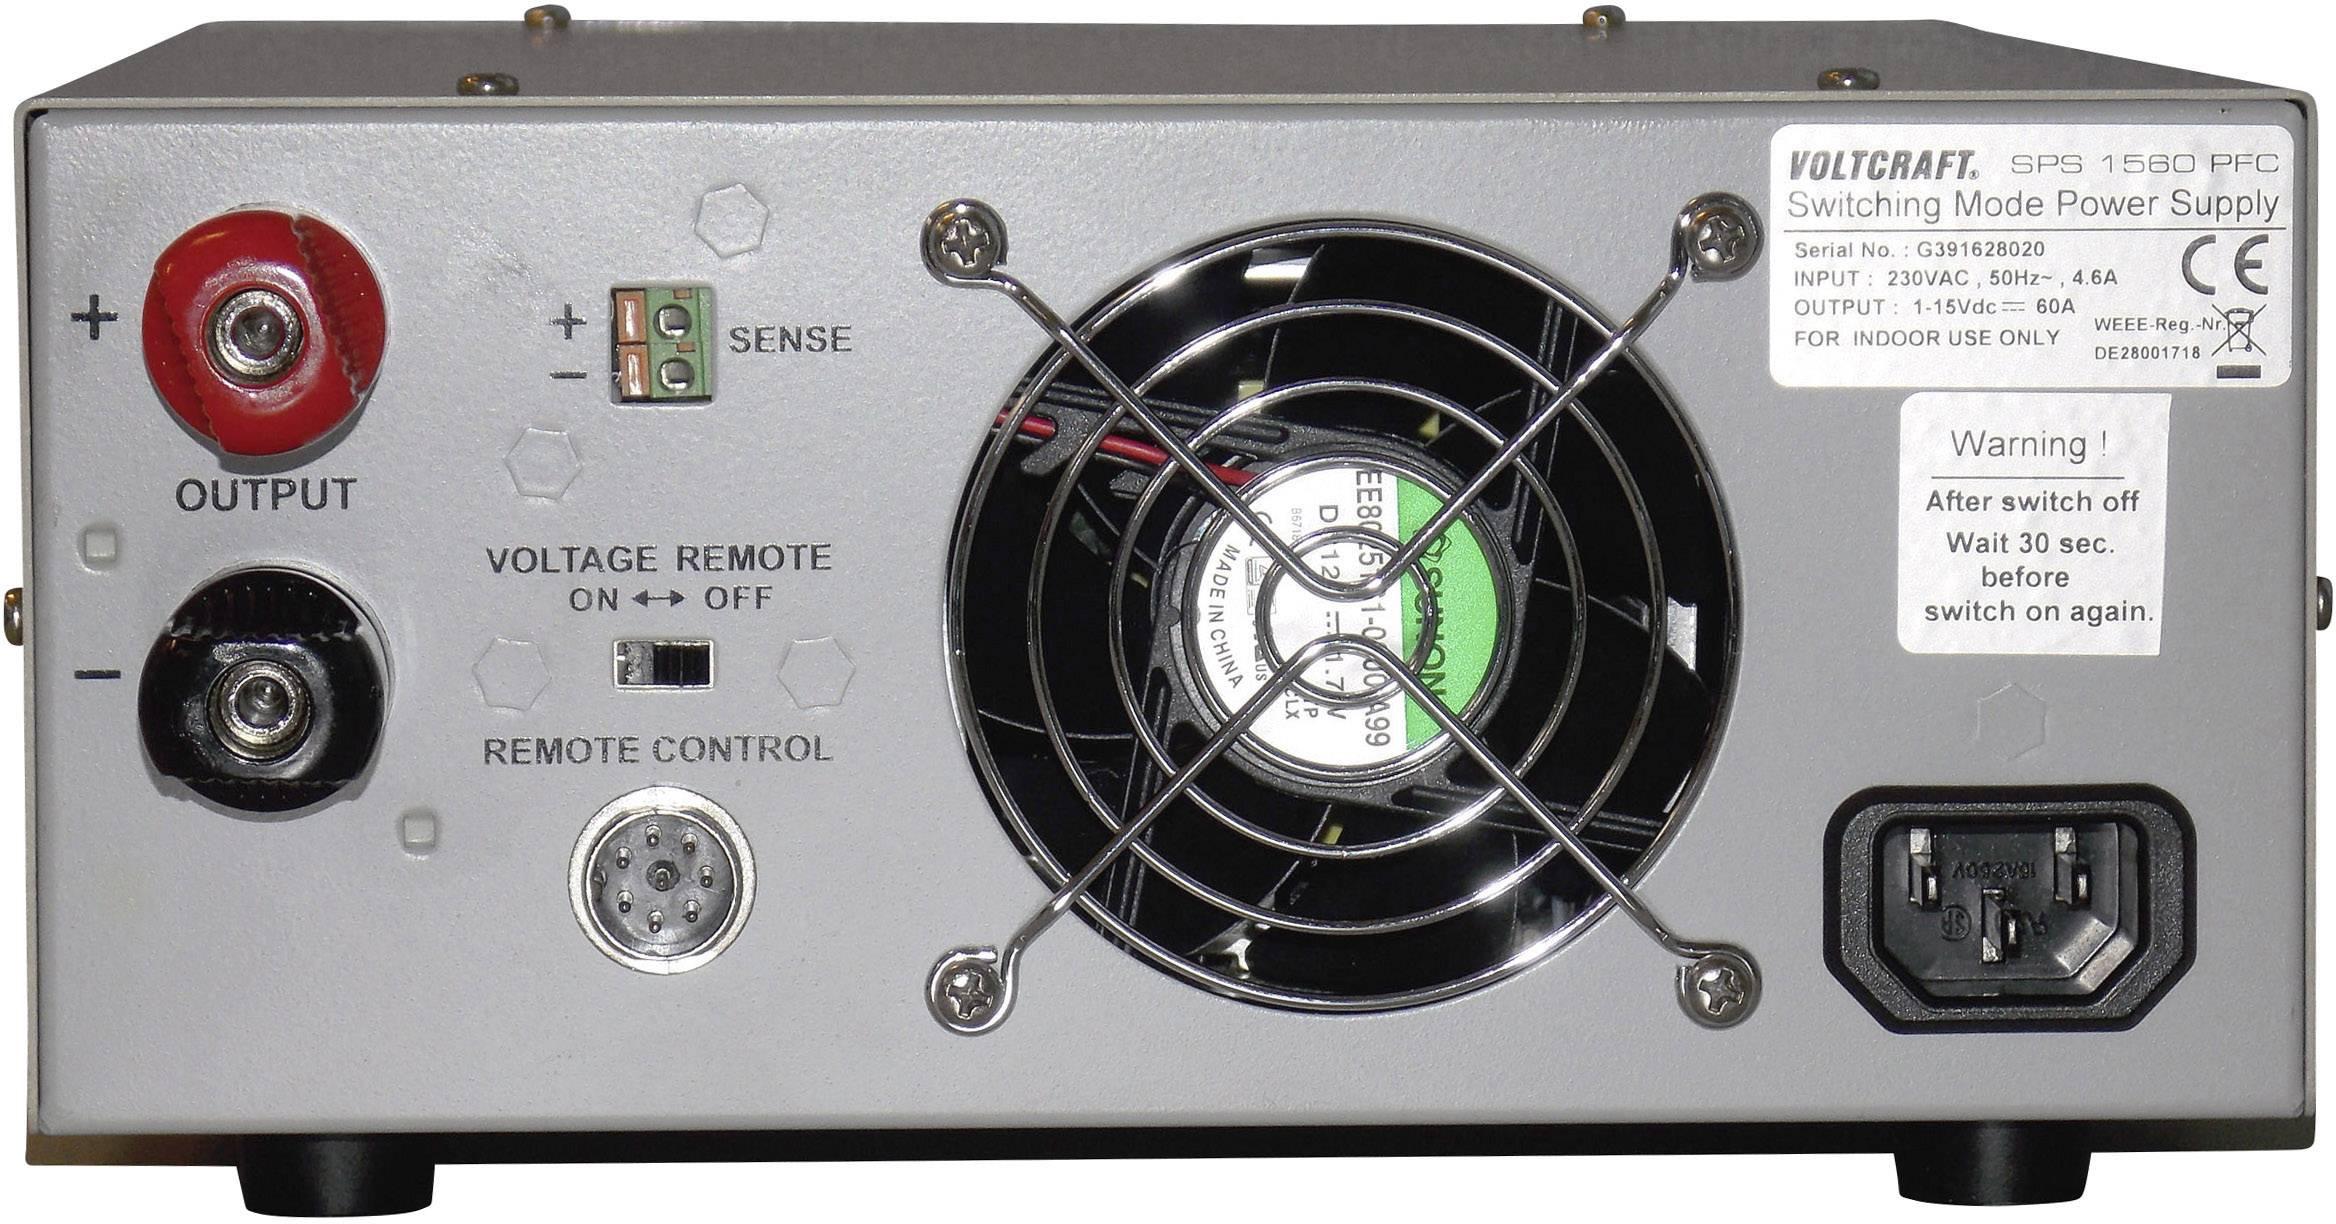 Spínaný laboratórny zdroj Voltcraft SPS-1560 PFC, 3 - 15 V, 60 A